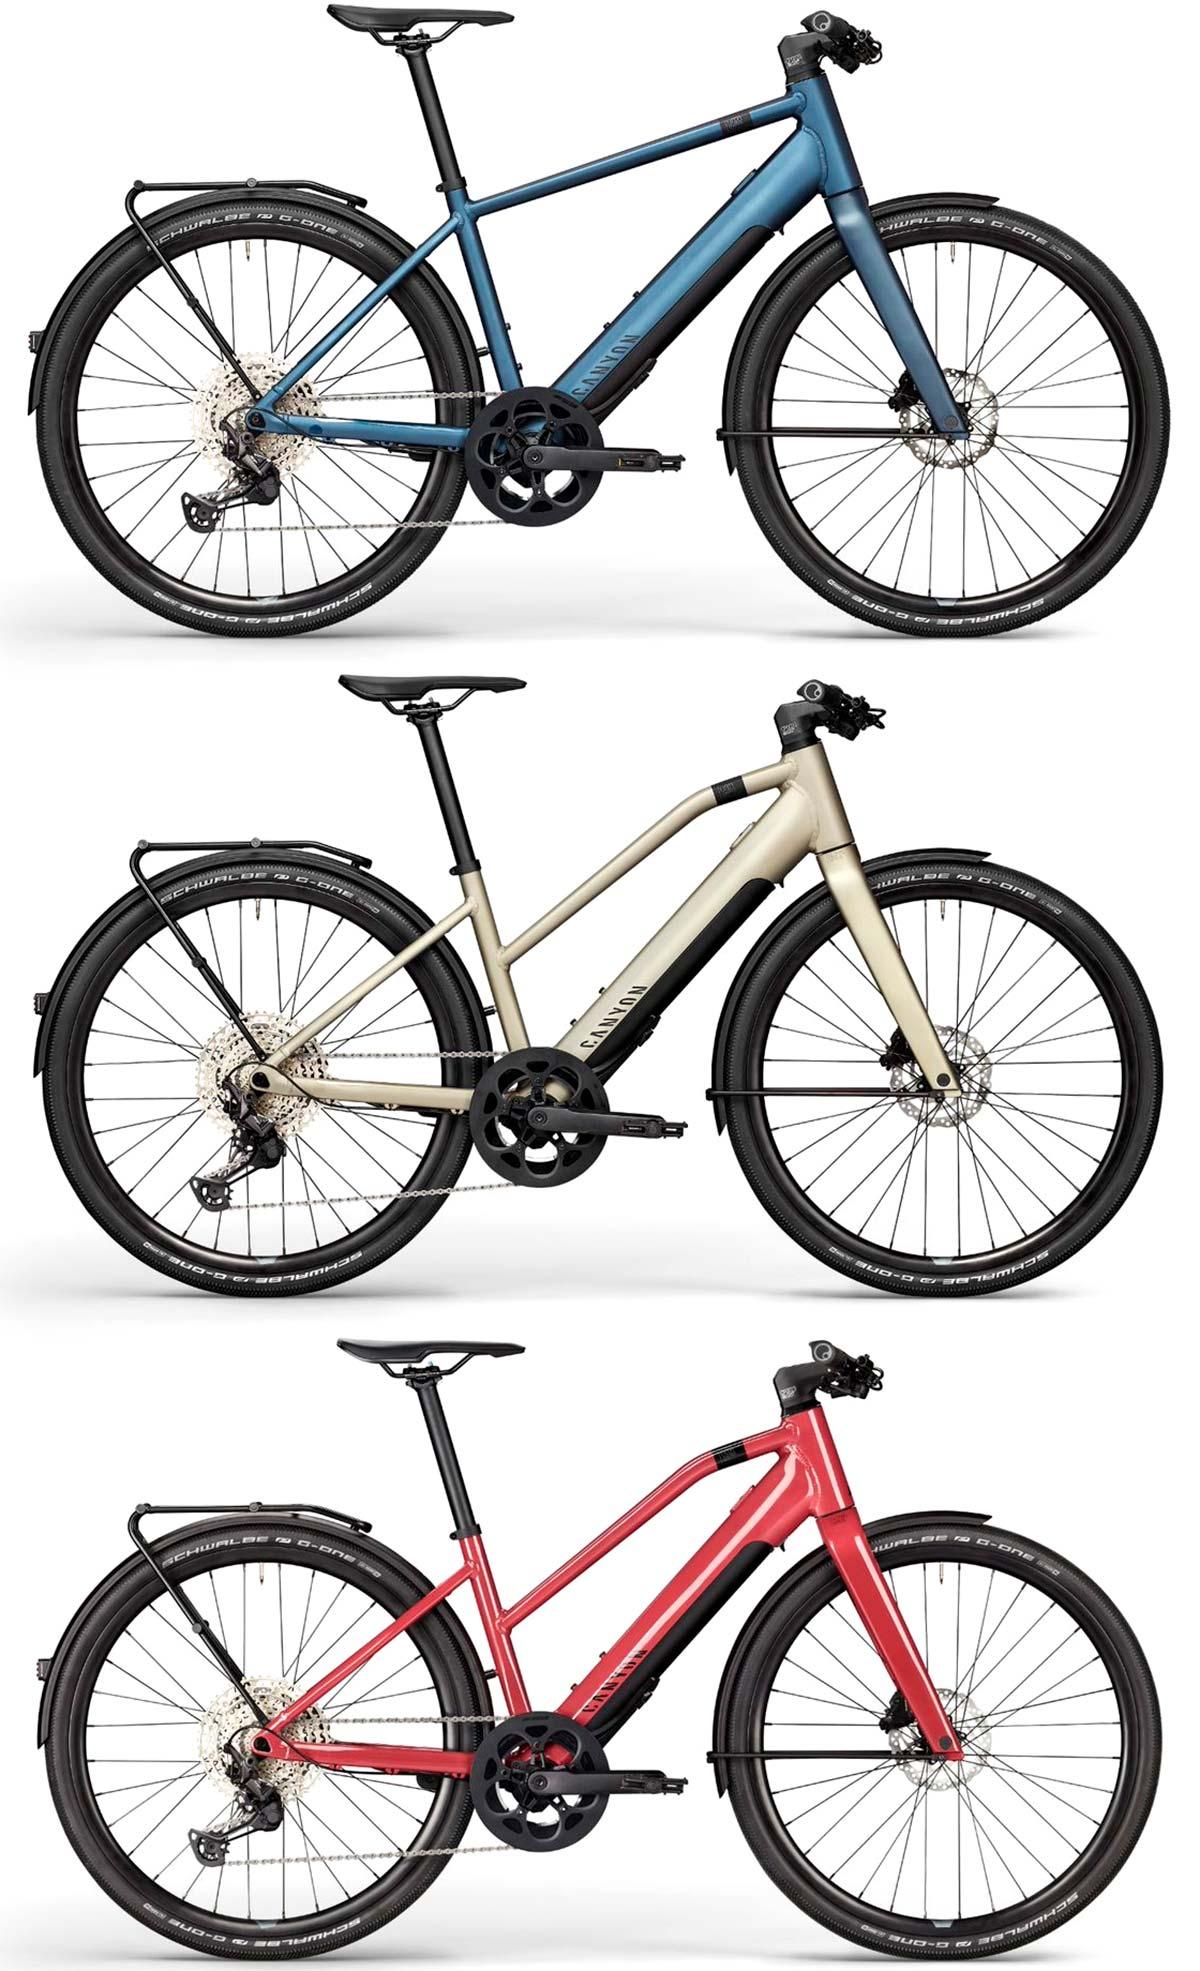 En TodoMountainBike: Canyon Bicycles presenta dos nuevas bicis eléctricas urbanas y adelanta su primer concepto de coche eléctrico